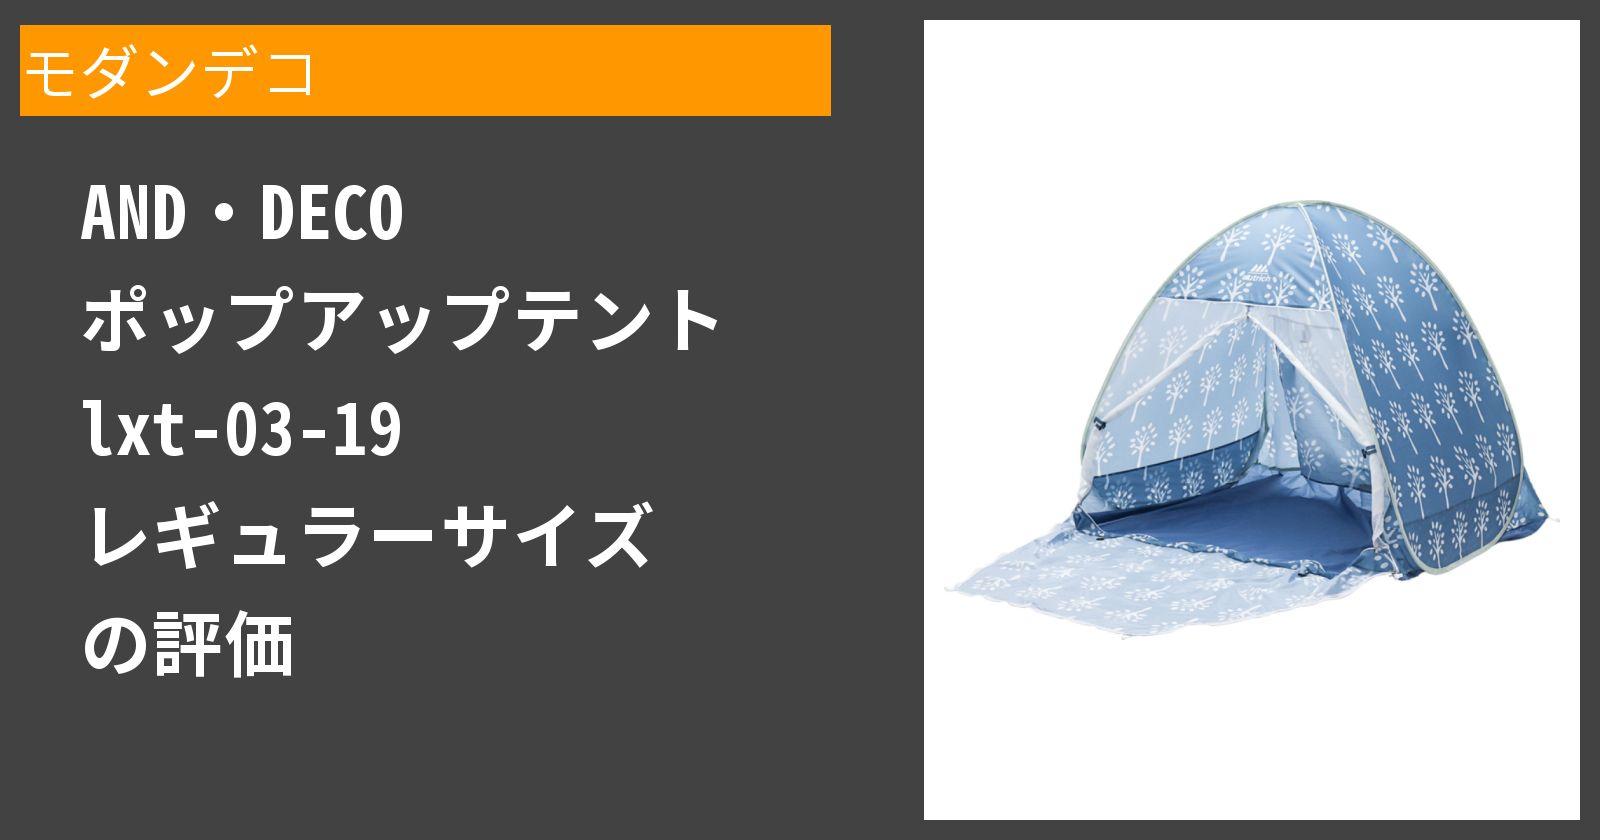 AND・DECO ポップアップテント lxt-03-19 レギュラーサイズを徹底評価